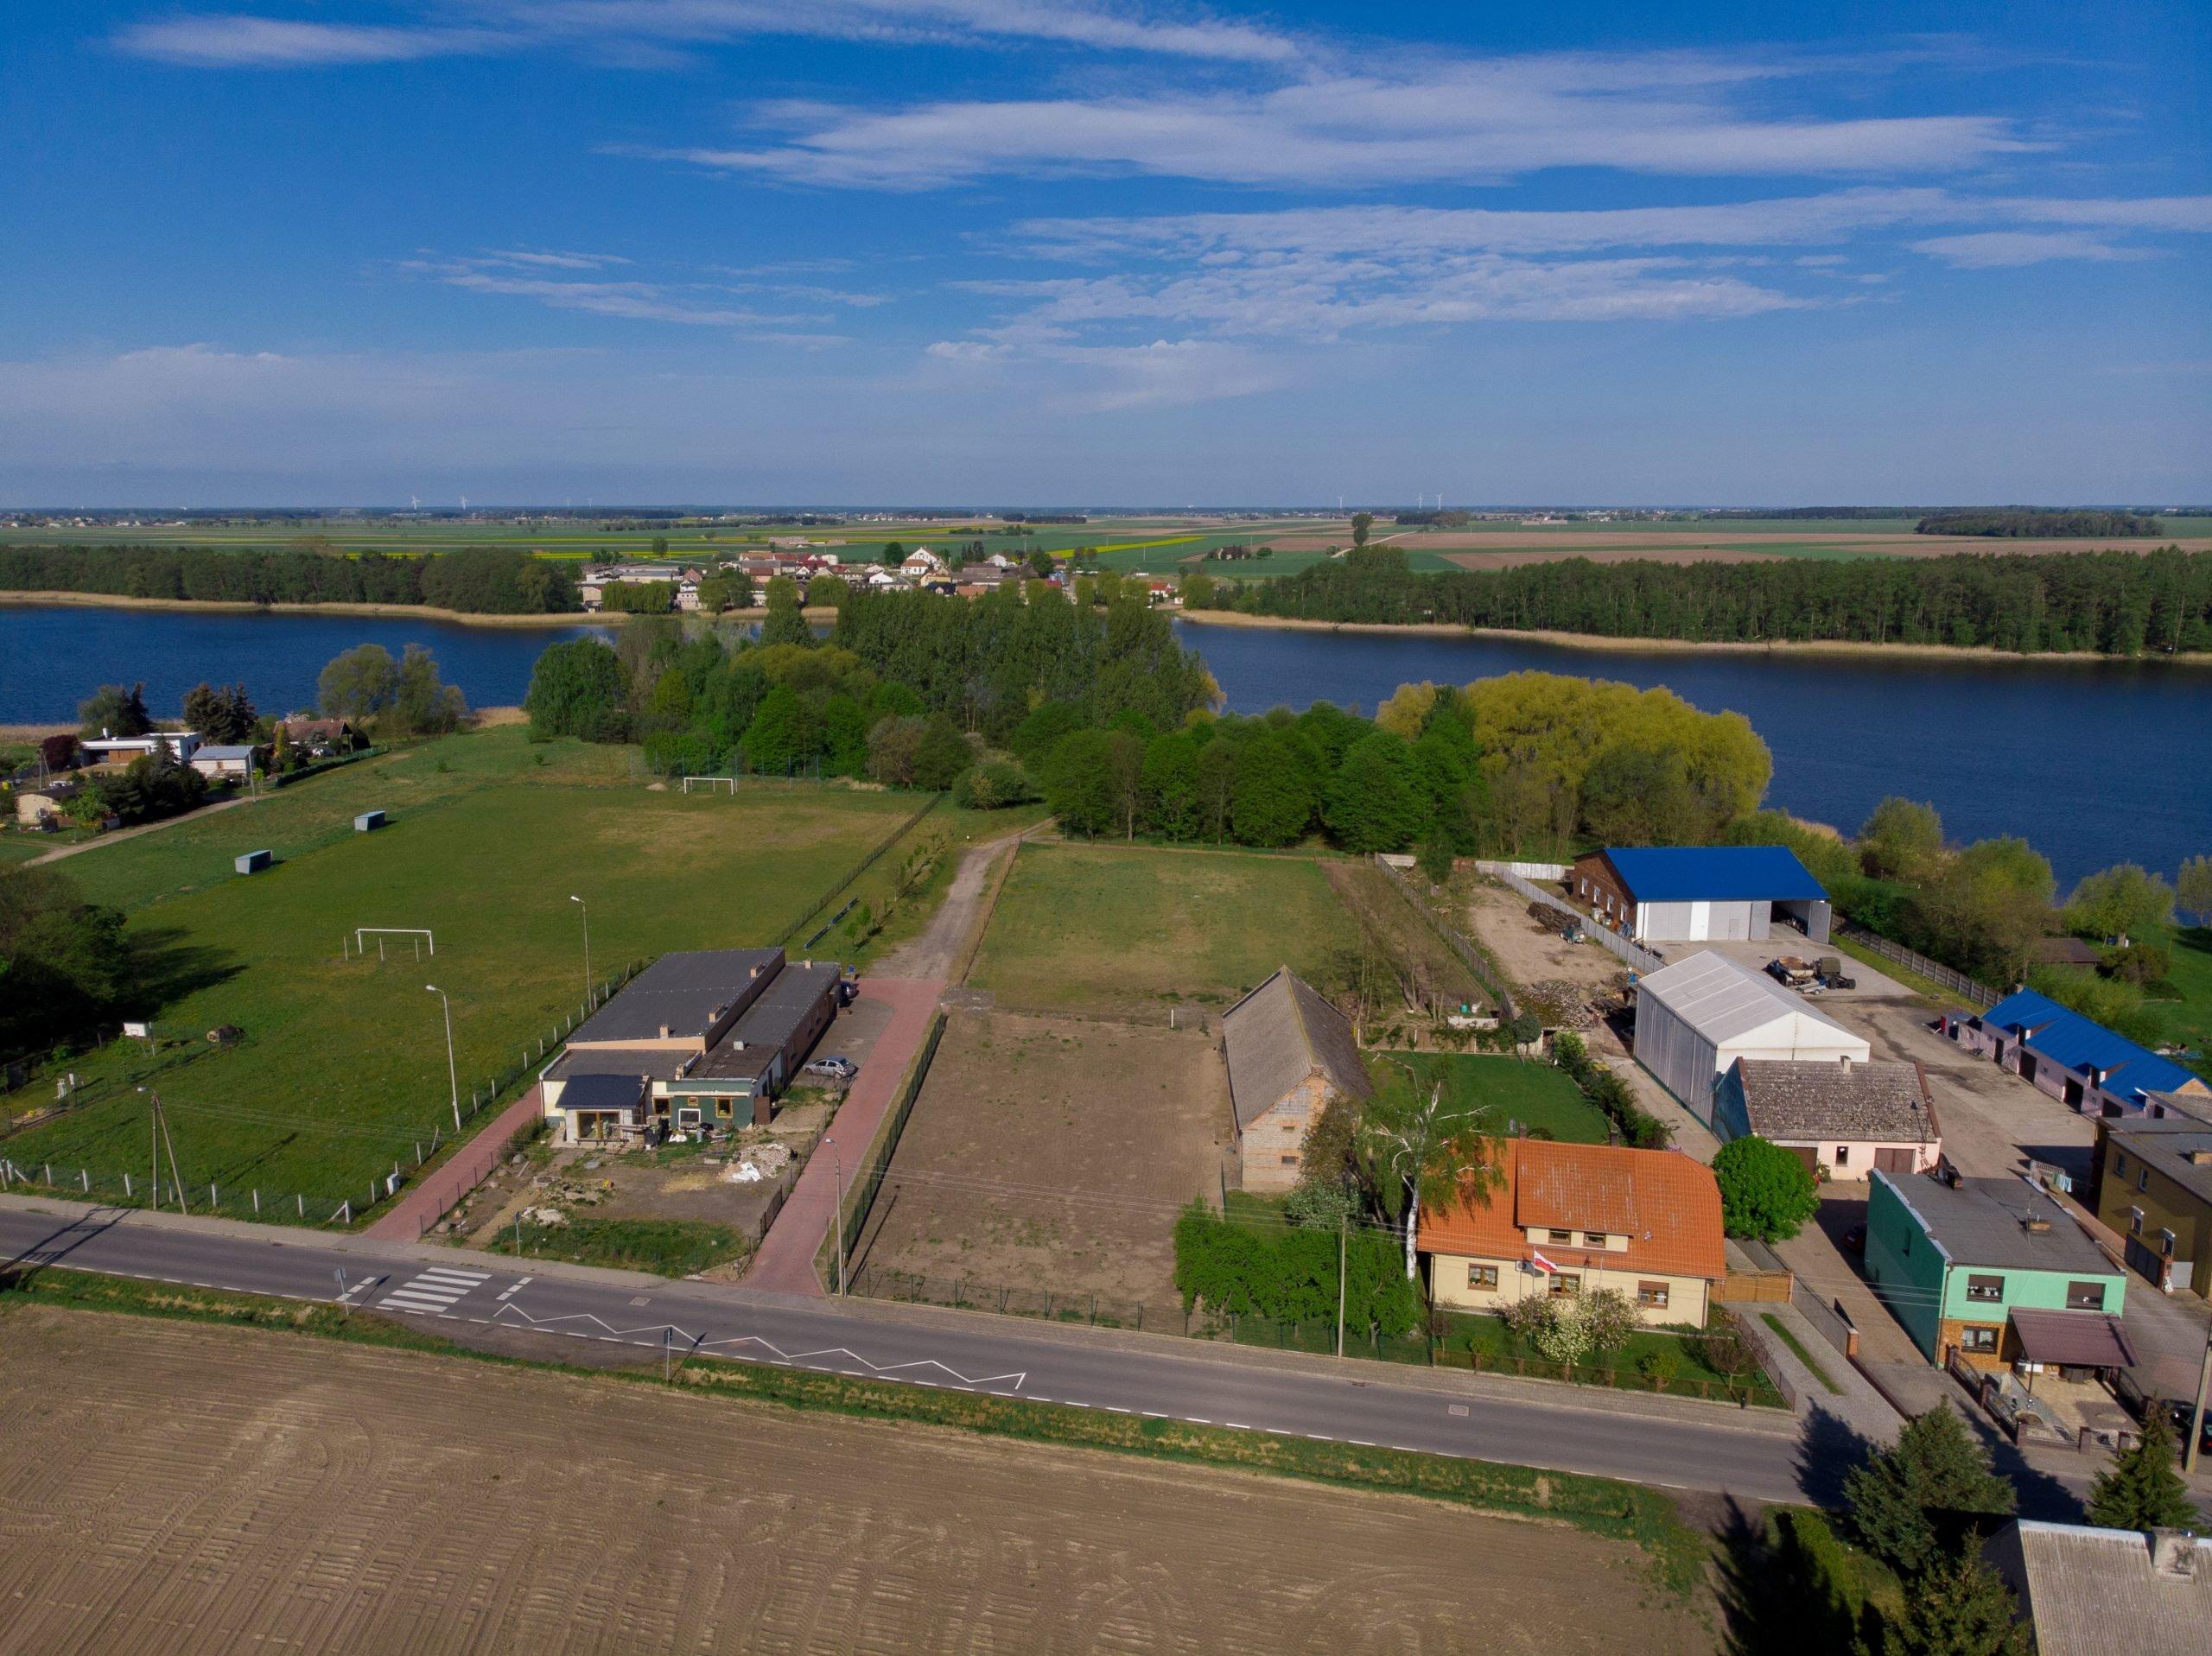 Działka budowlana nad jeziorem, Sapowice